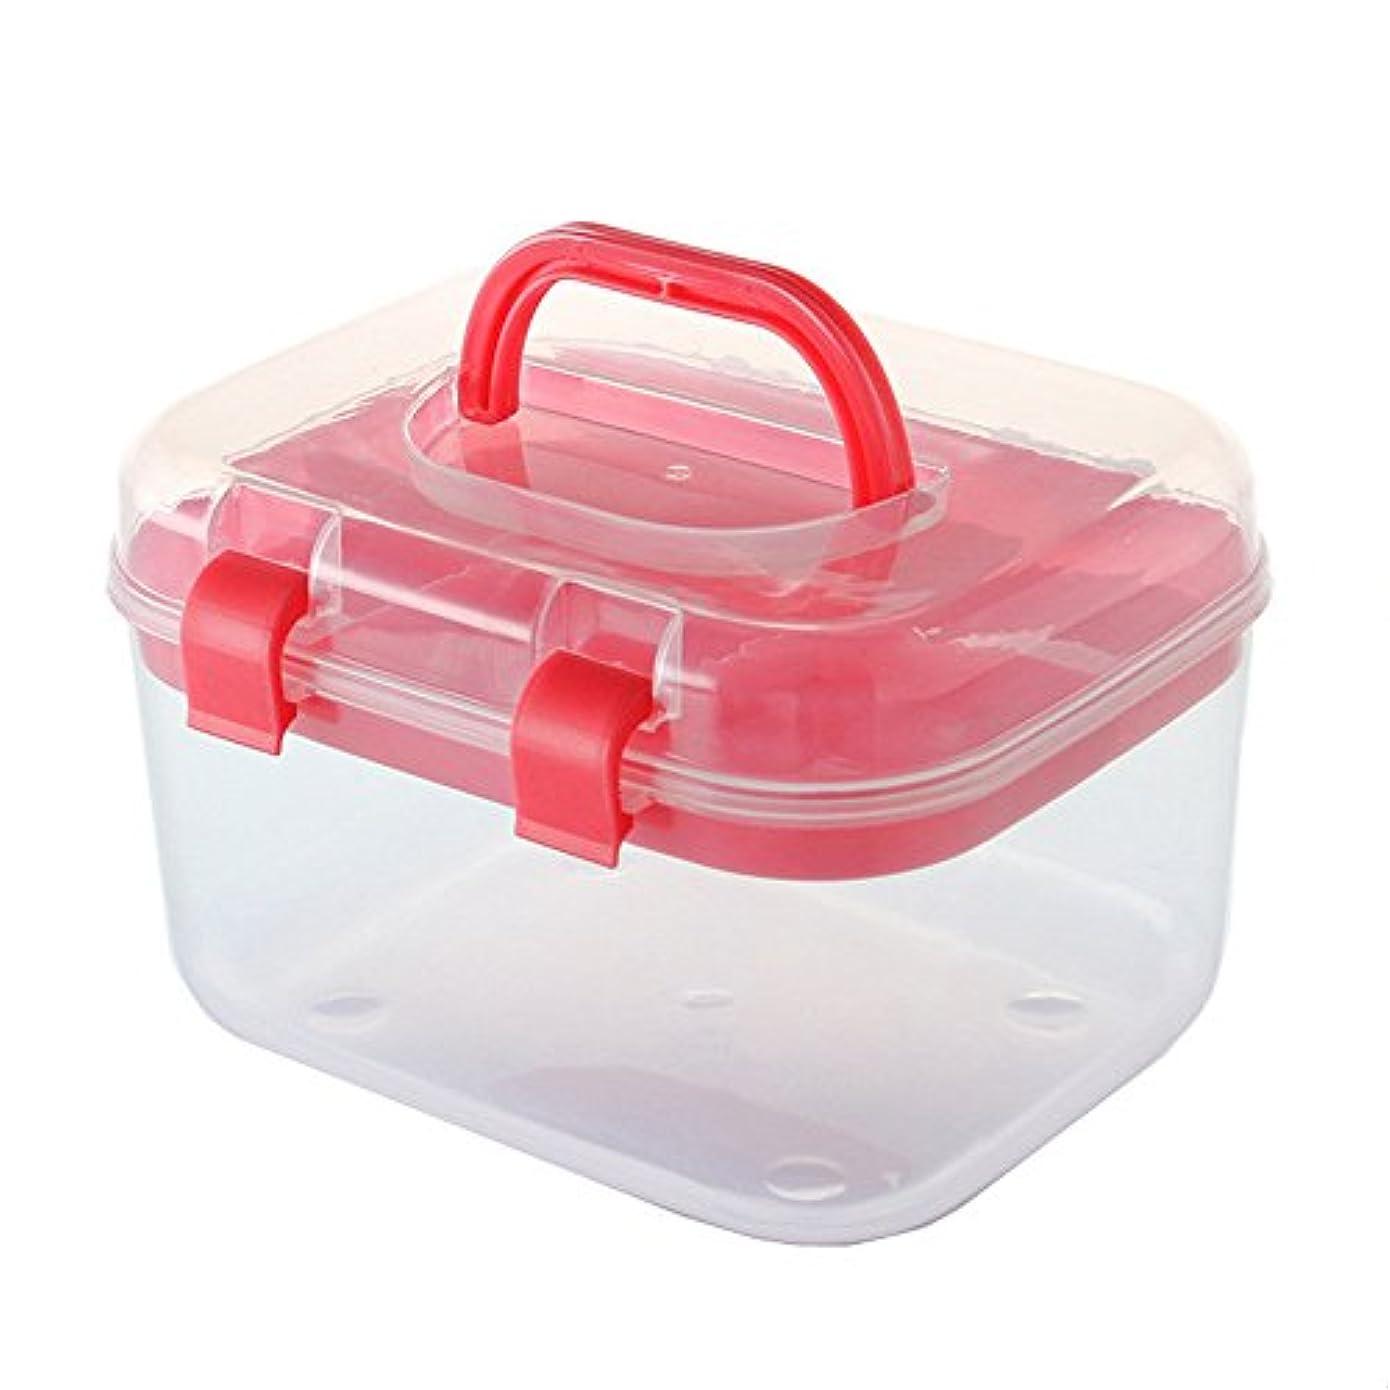 エンゲージメント記述する必要条件応急処置キット 世帯の携帯用プラスチック薬の救急箱の緊急の医療ケースおよび薬剤の貯蔵 ストレージ救急用品 (Color : Red)